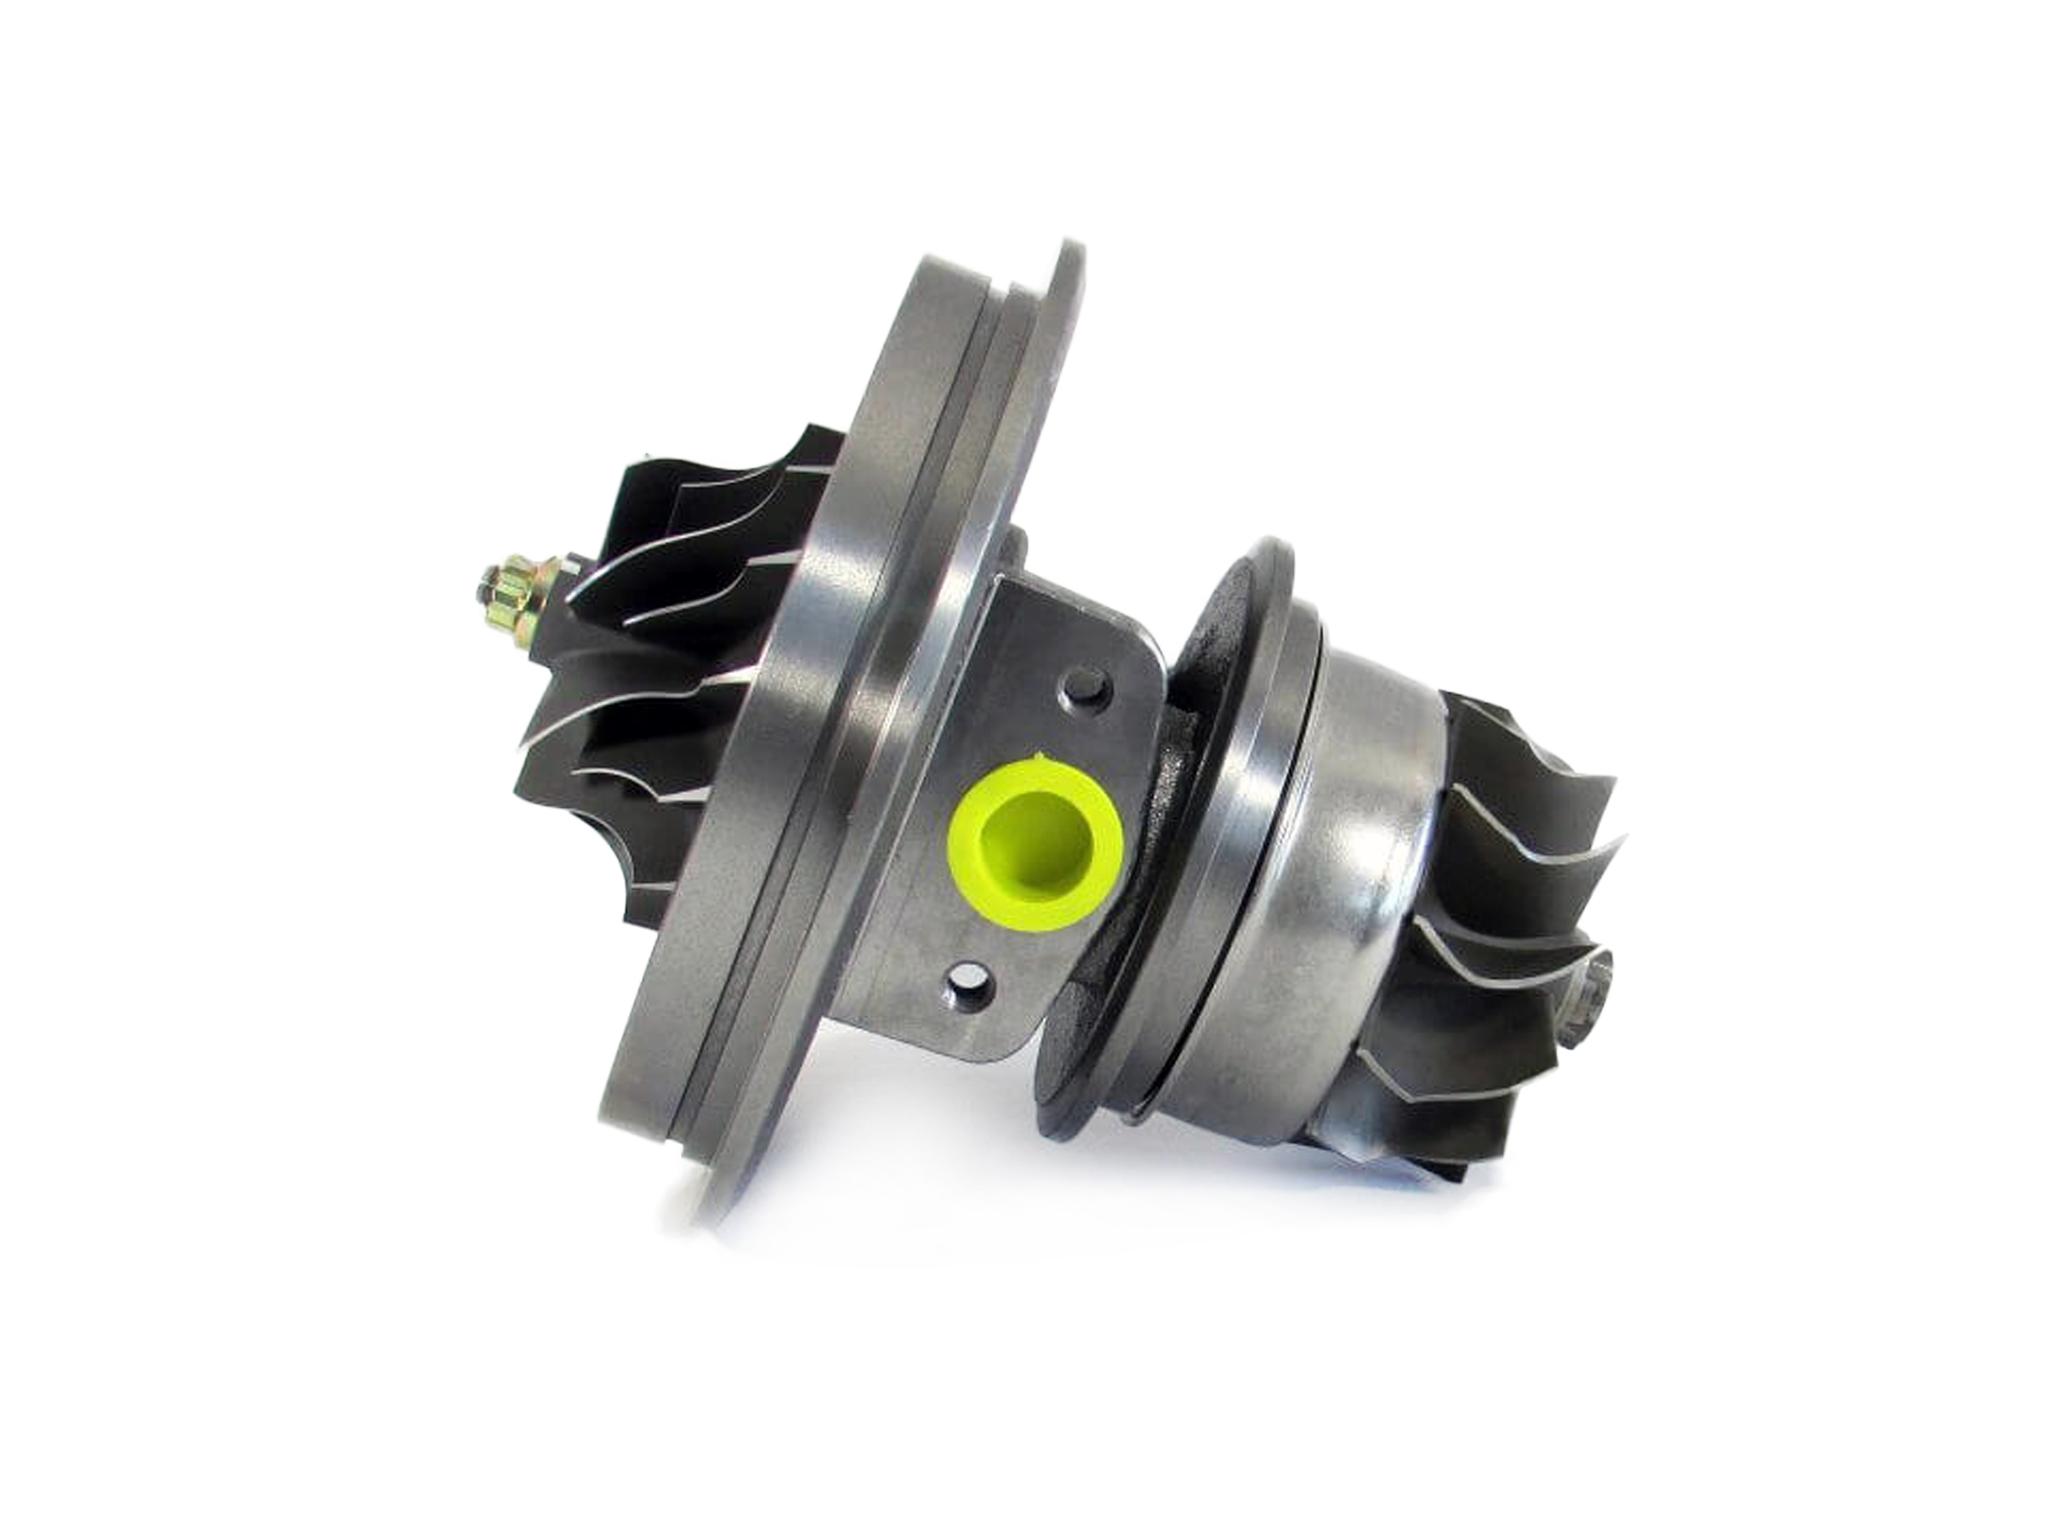 Картридж турбины S3A МАН 12.0 D2866LF Евро 2 51.09100-7428, 51091007428, 51.091007428